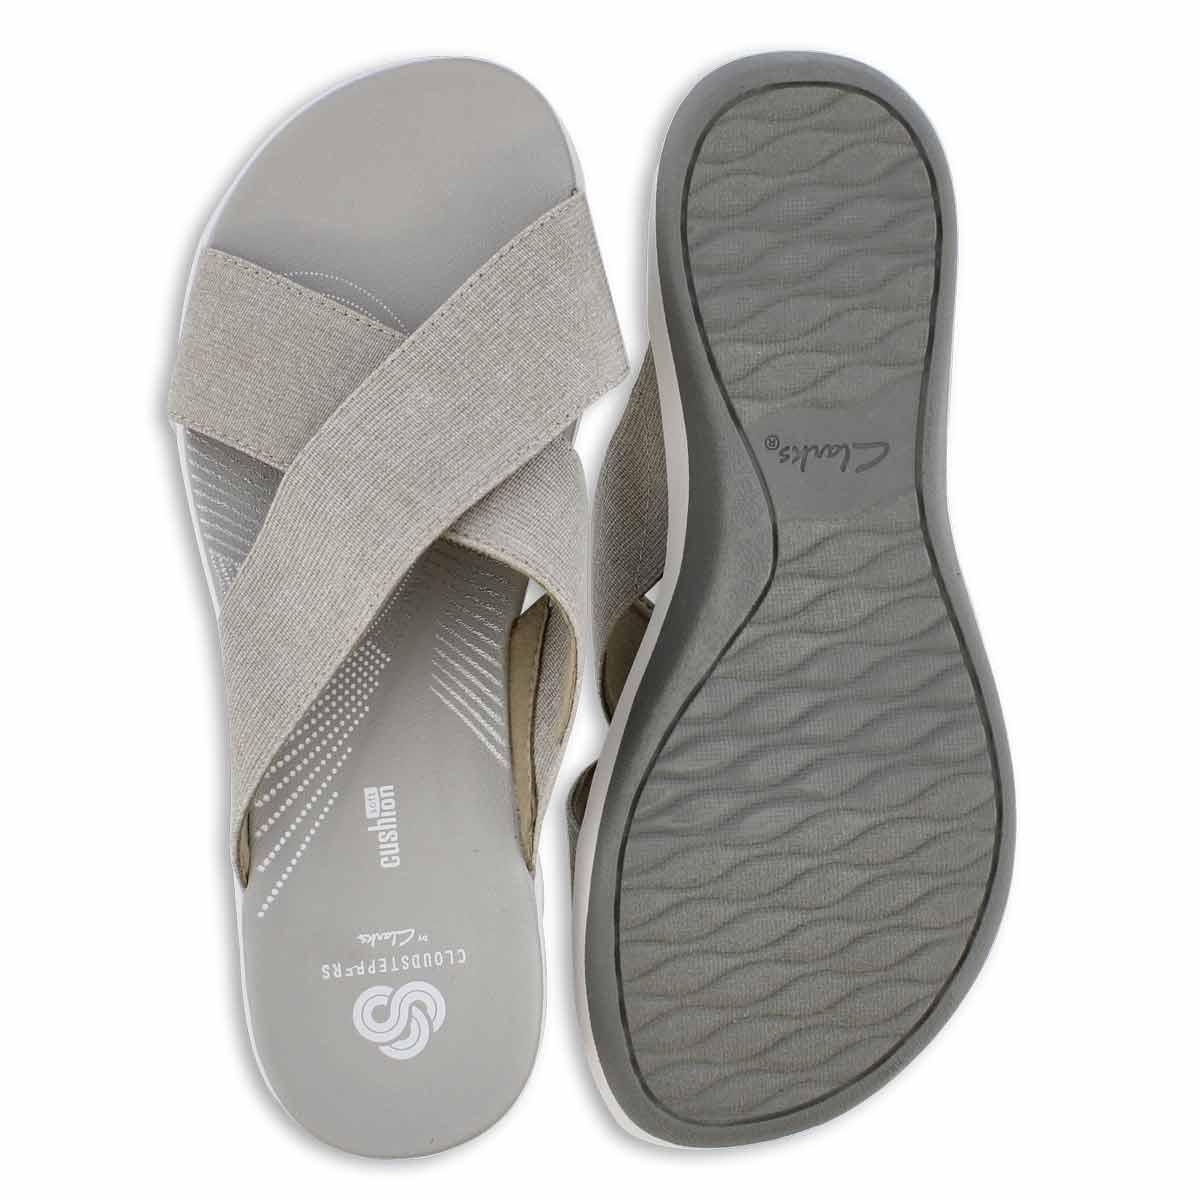 Lds Arla Elin sand wedge slide sandal